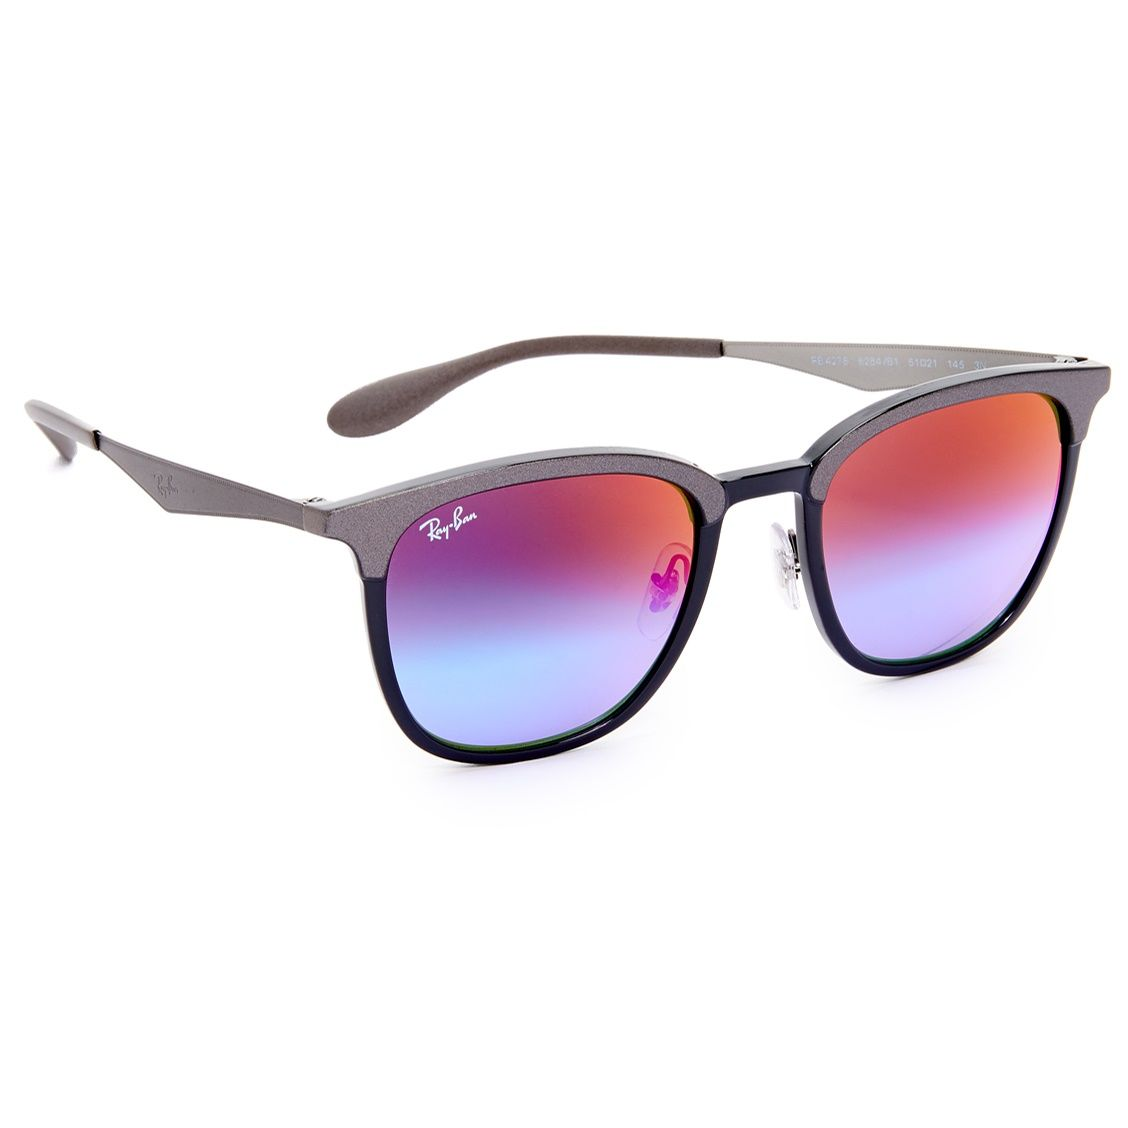 Ray-Ban Mens Square Sunglasses   Squares, Ray ban sunglasses and Shapes